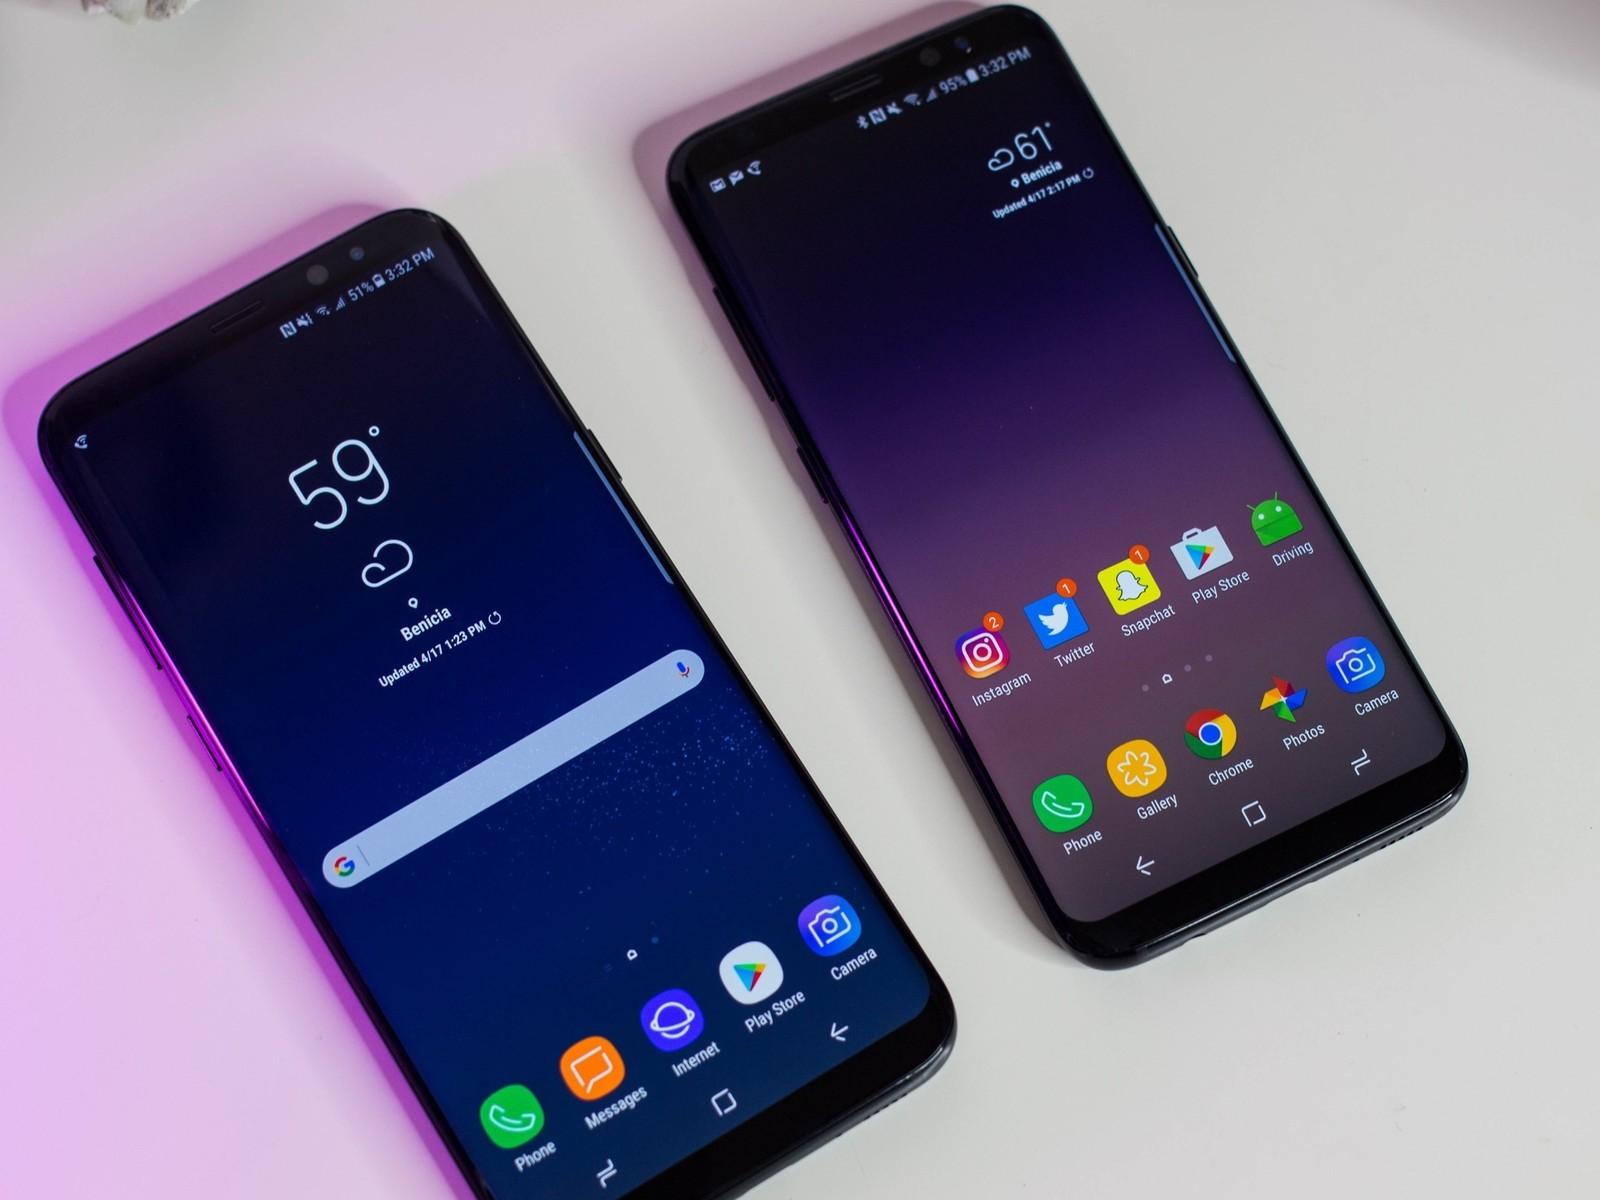 Samsung khởi động Chương trình Thử nghiệm One UI Beta (Android 9 Pie) cho Galaxy S8 | S8+